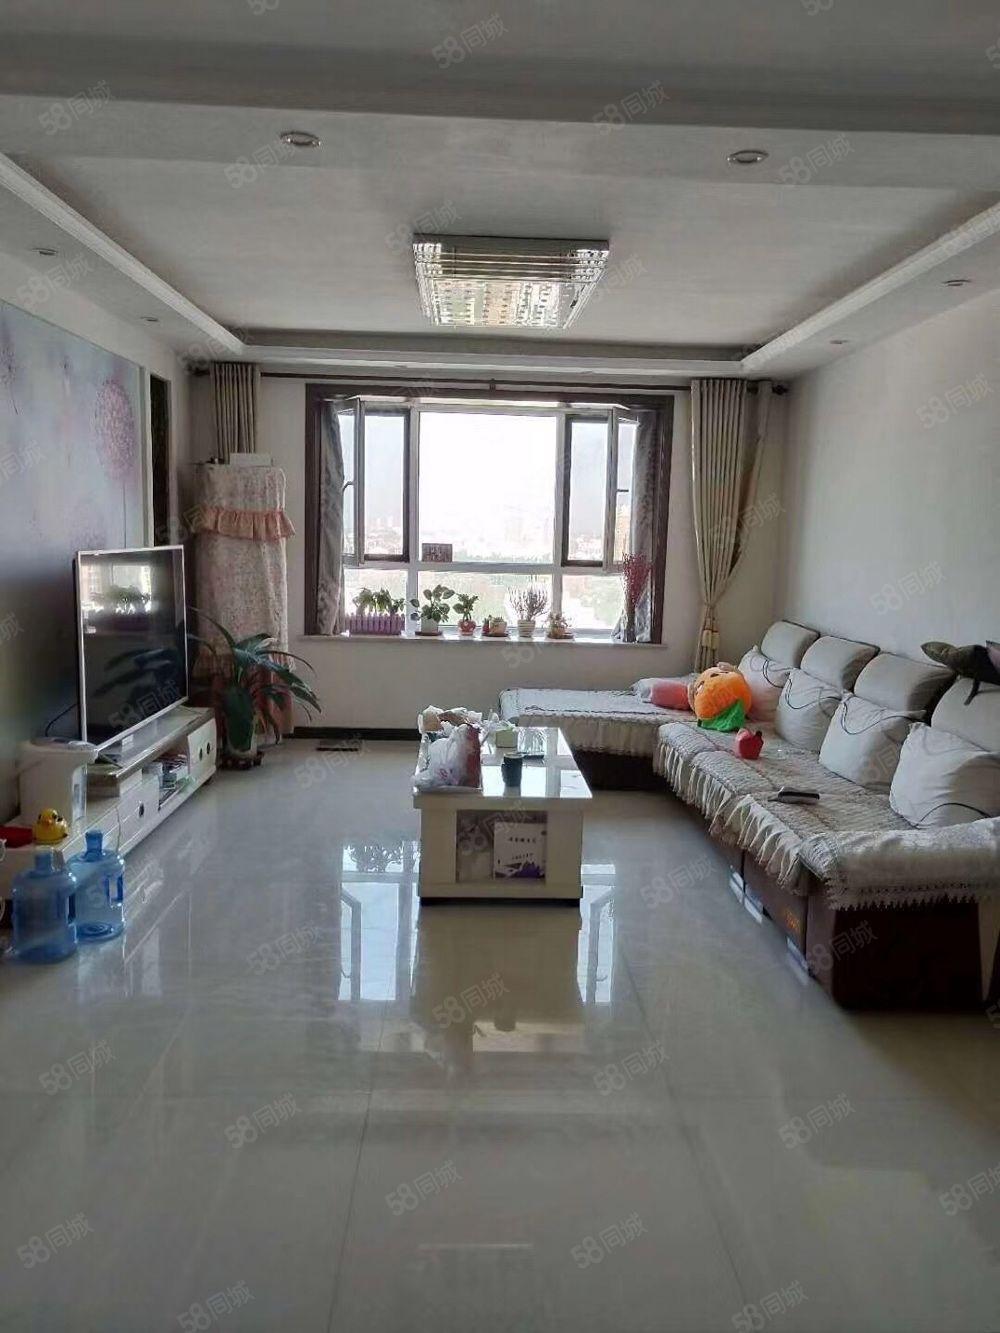 金惠花園裝修92萬三室兩廳兩衛首付47萬接30萬貸款